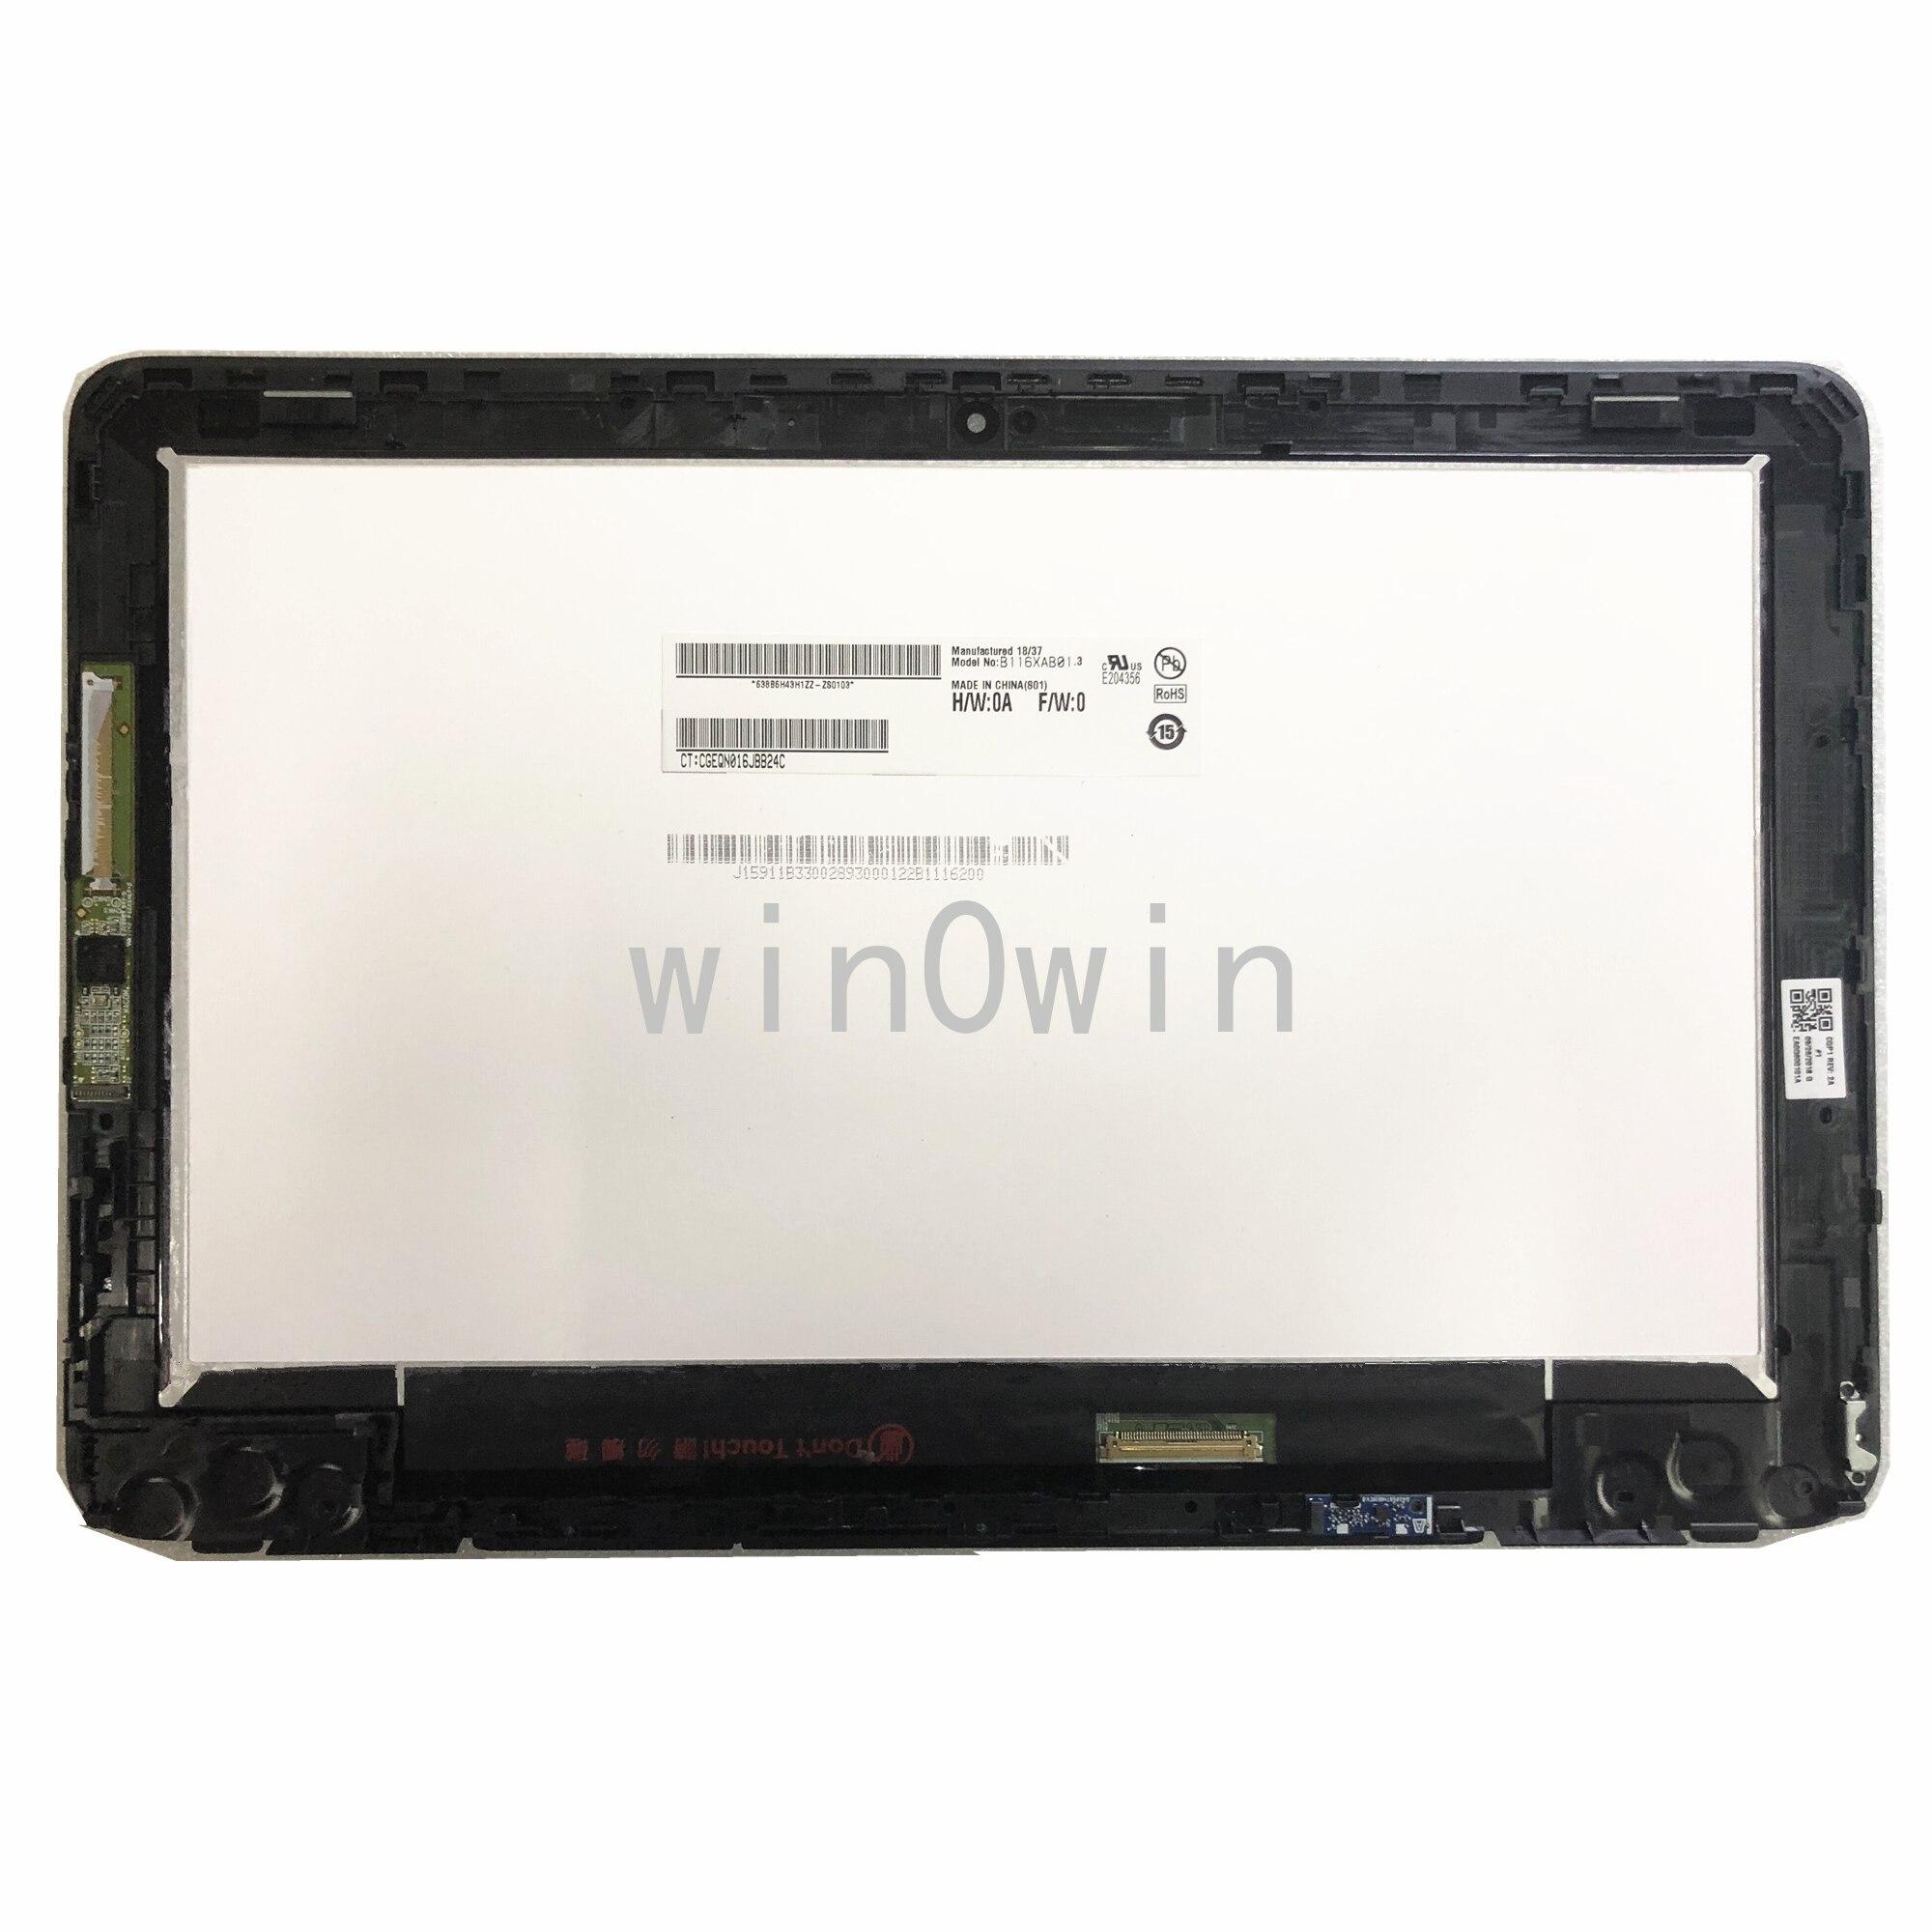 B116XAB01.3 LCD شاشة تعمل باللمس الجمعية محول الأرقام الإطار عرض ل HP Probook x360 11 G1 EE محمول